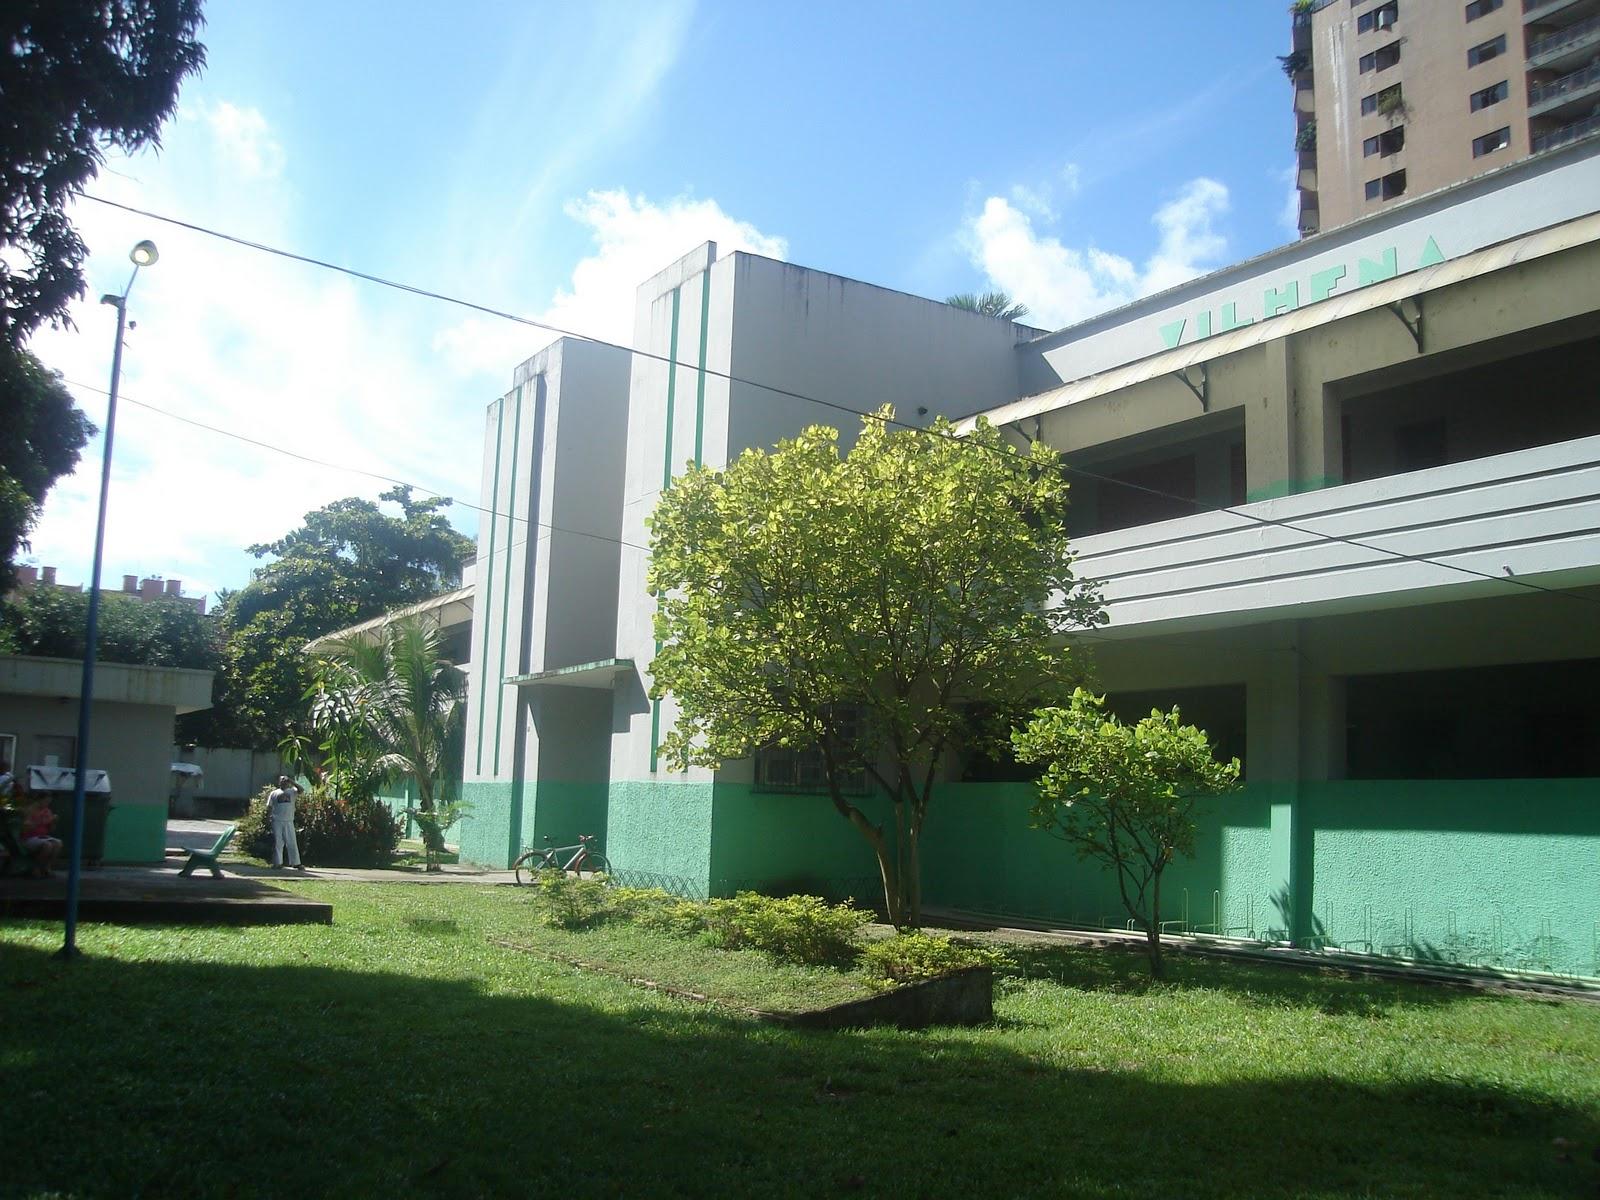 Escola Estadual Vilhena Alves